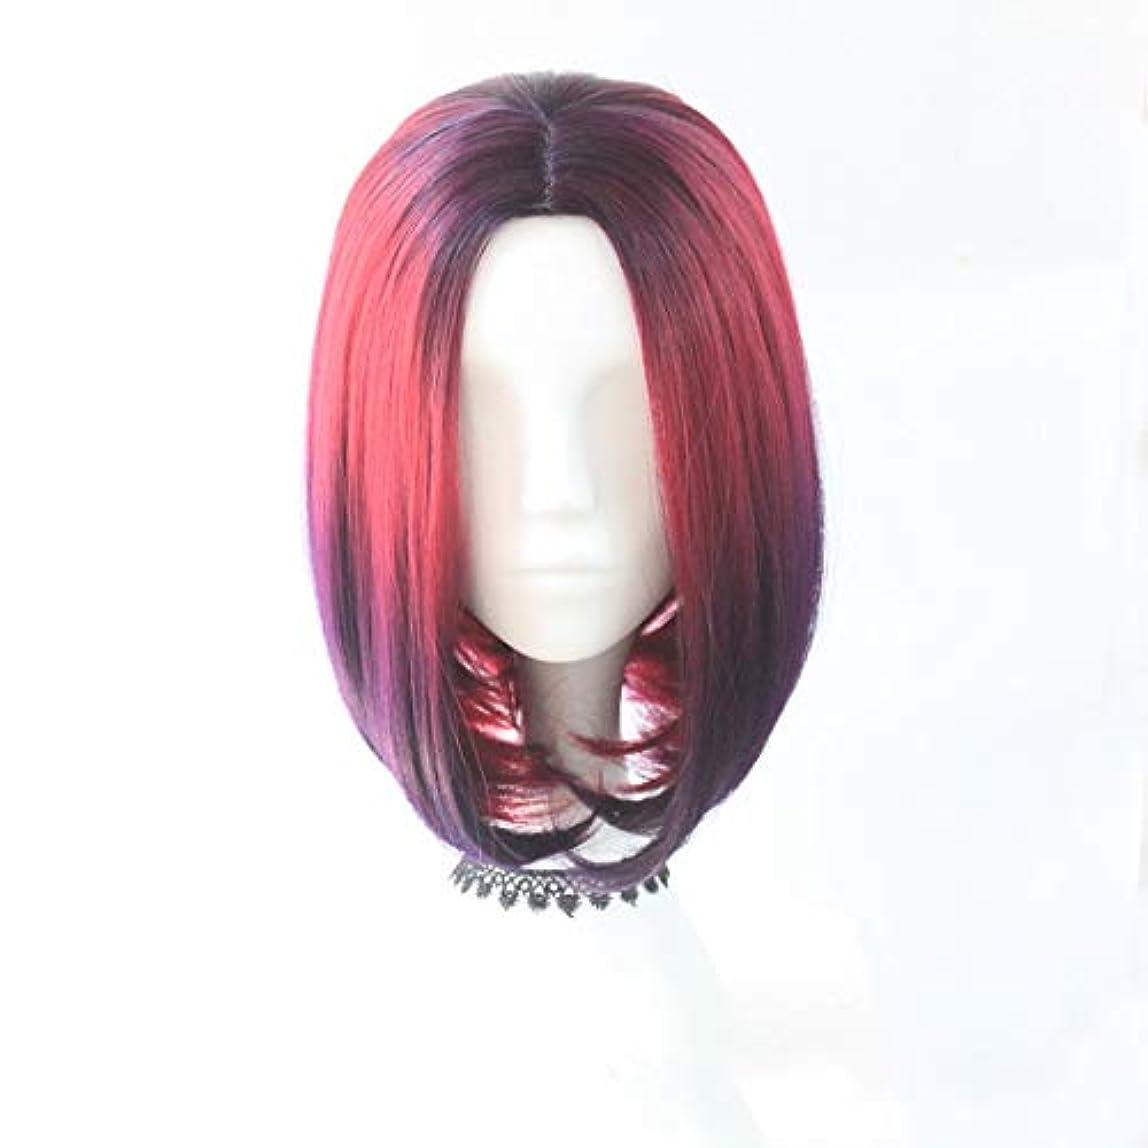 換気学んだヨーグルトYOUQIU 女性の自然なウィッグショートストレートBOB髪のグラデーションの色ウィッグCOSウィッグウィッグ (色 : レッド)